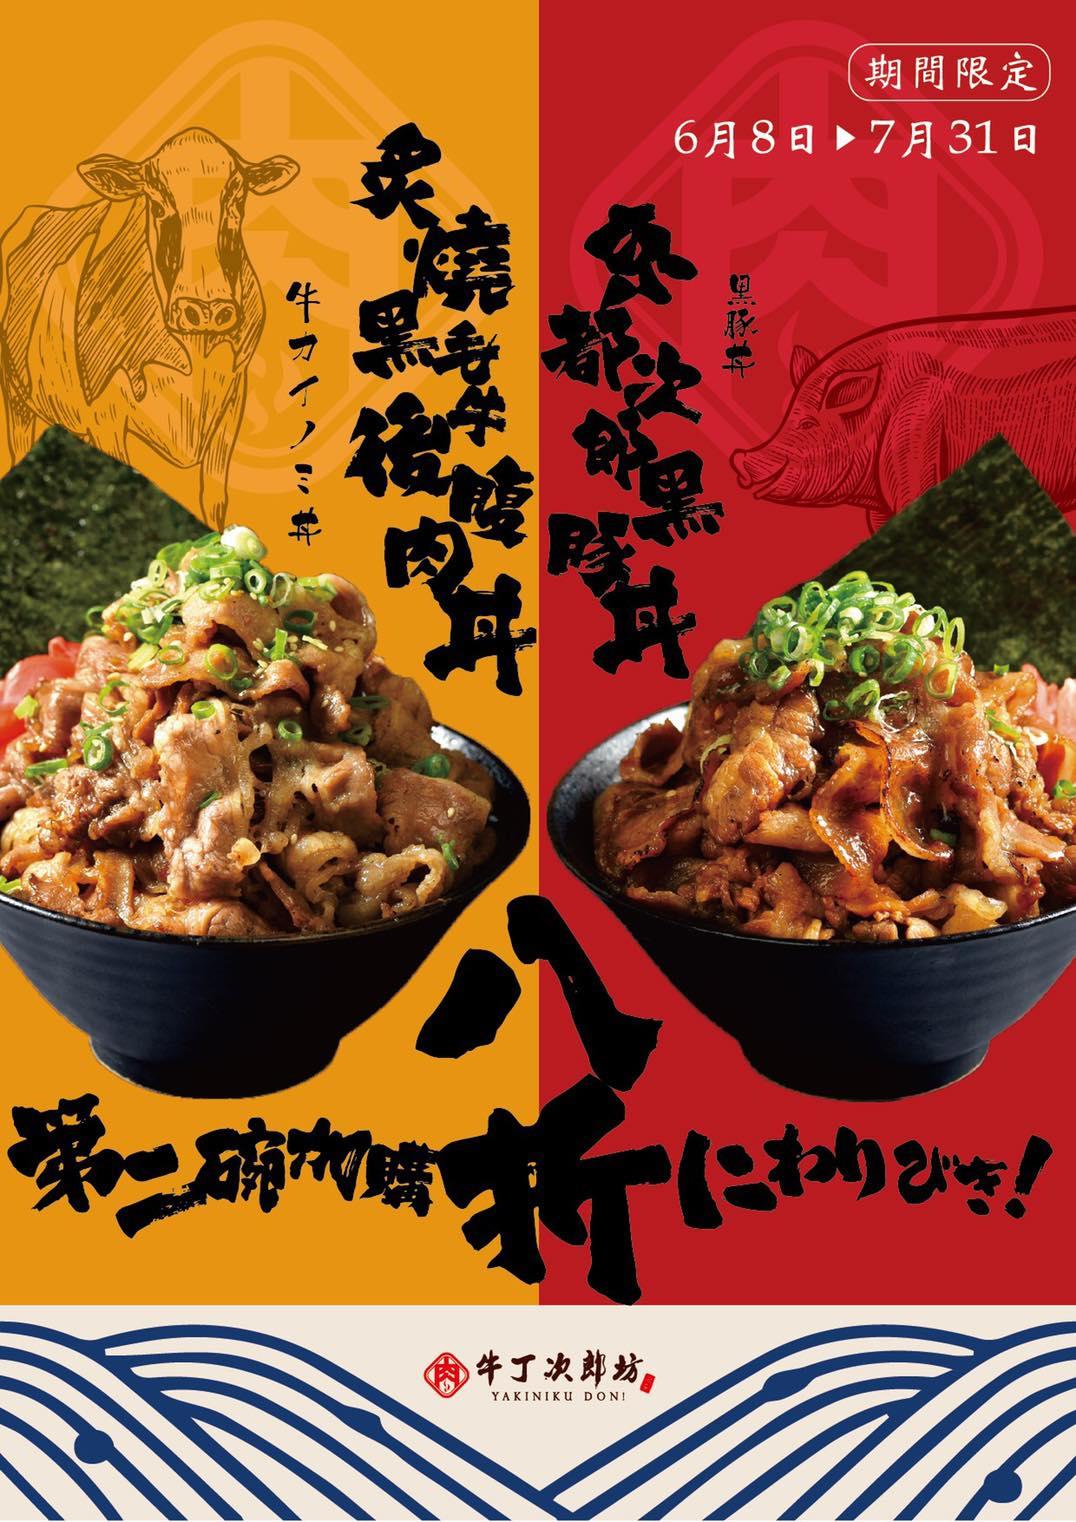 牛丁次郎坊x深夜裡的和魂燒肉丼 │ 彰化美食,彰化便當,彰化丼飯。